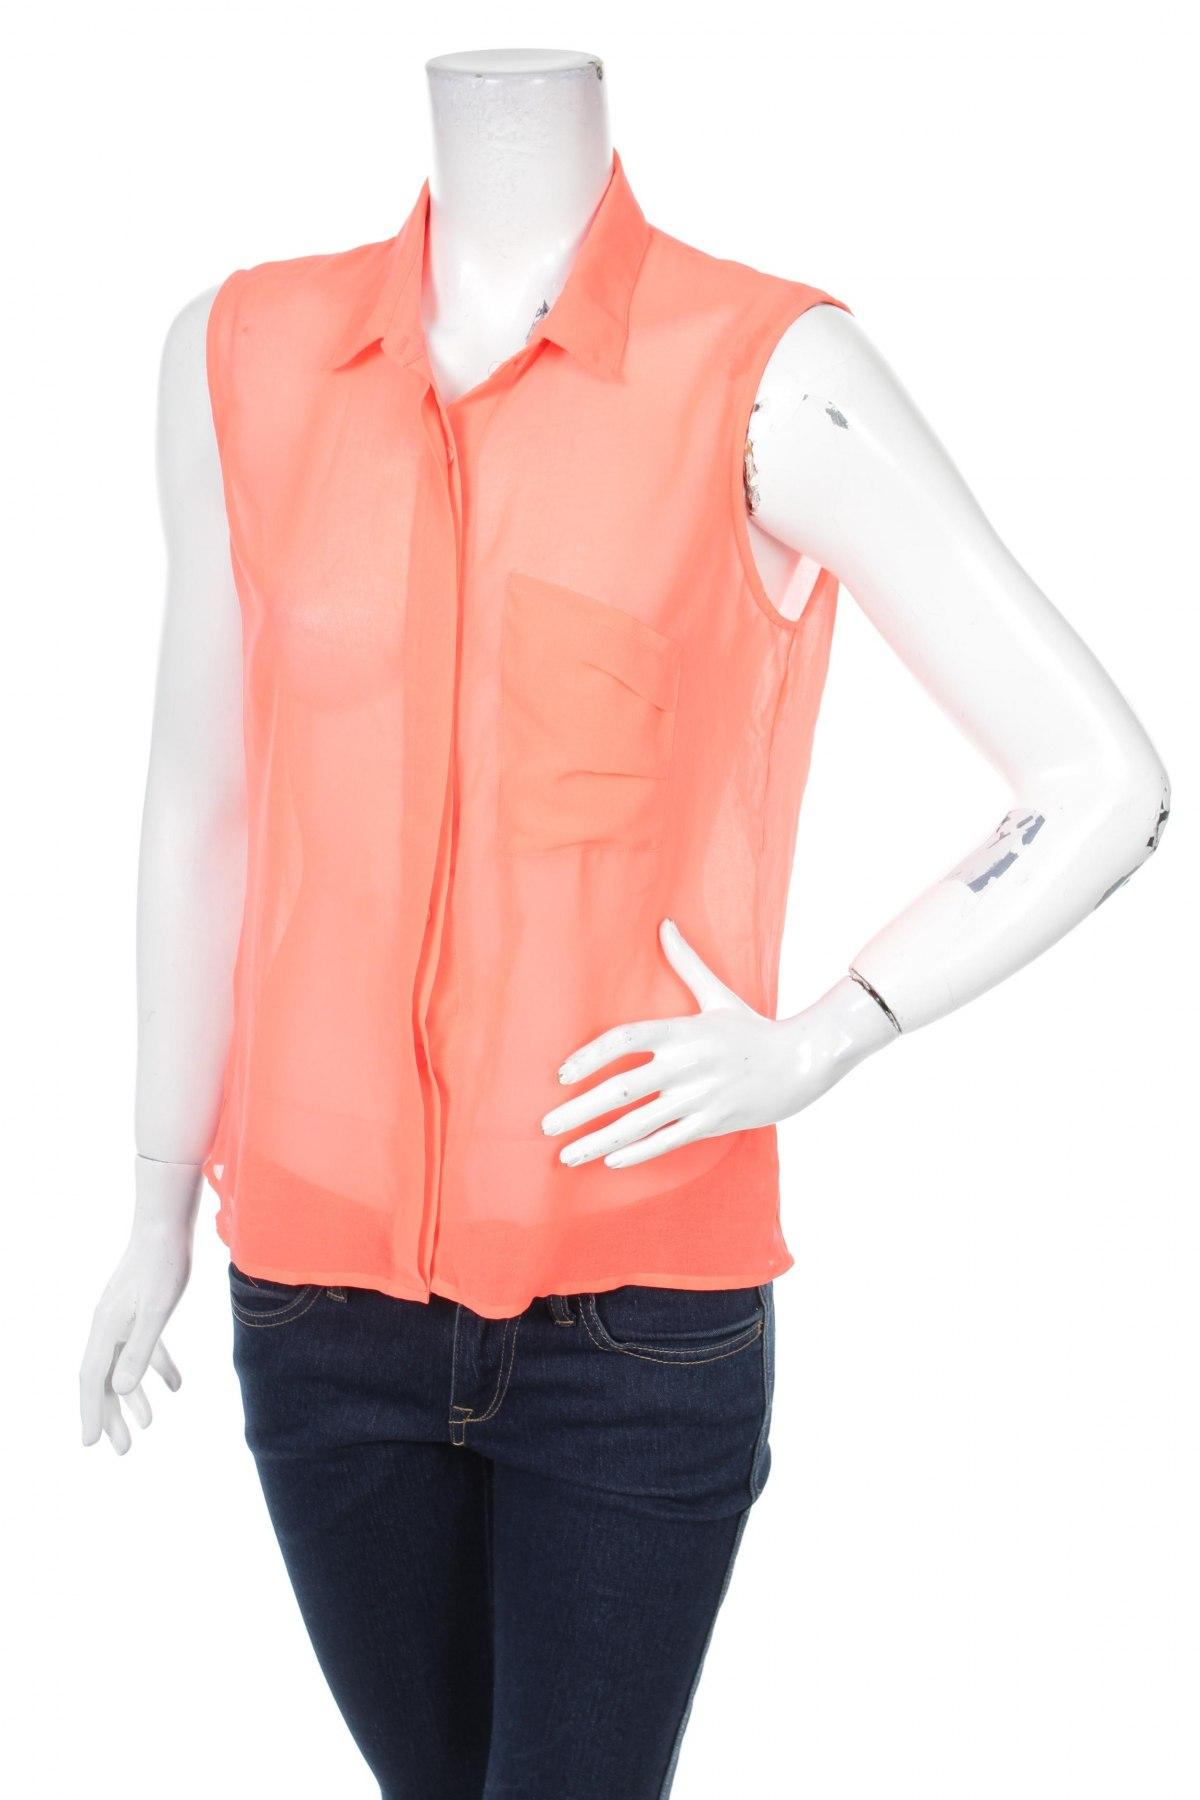 Γυναικείο πουκάμισο Gina Tricot, Μέγεθος M, Χρώμα Πορτοκαλί, Τιμή 11,13€